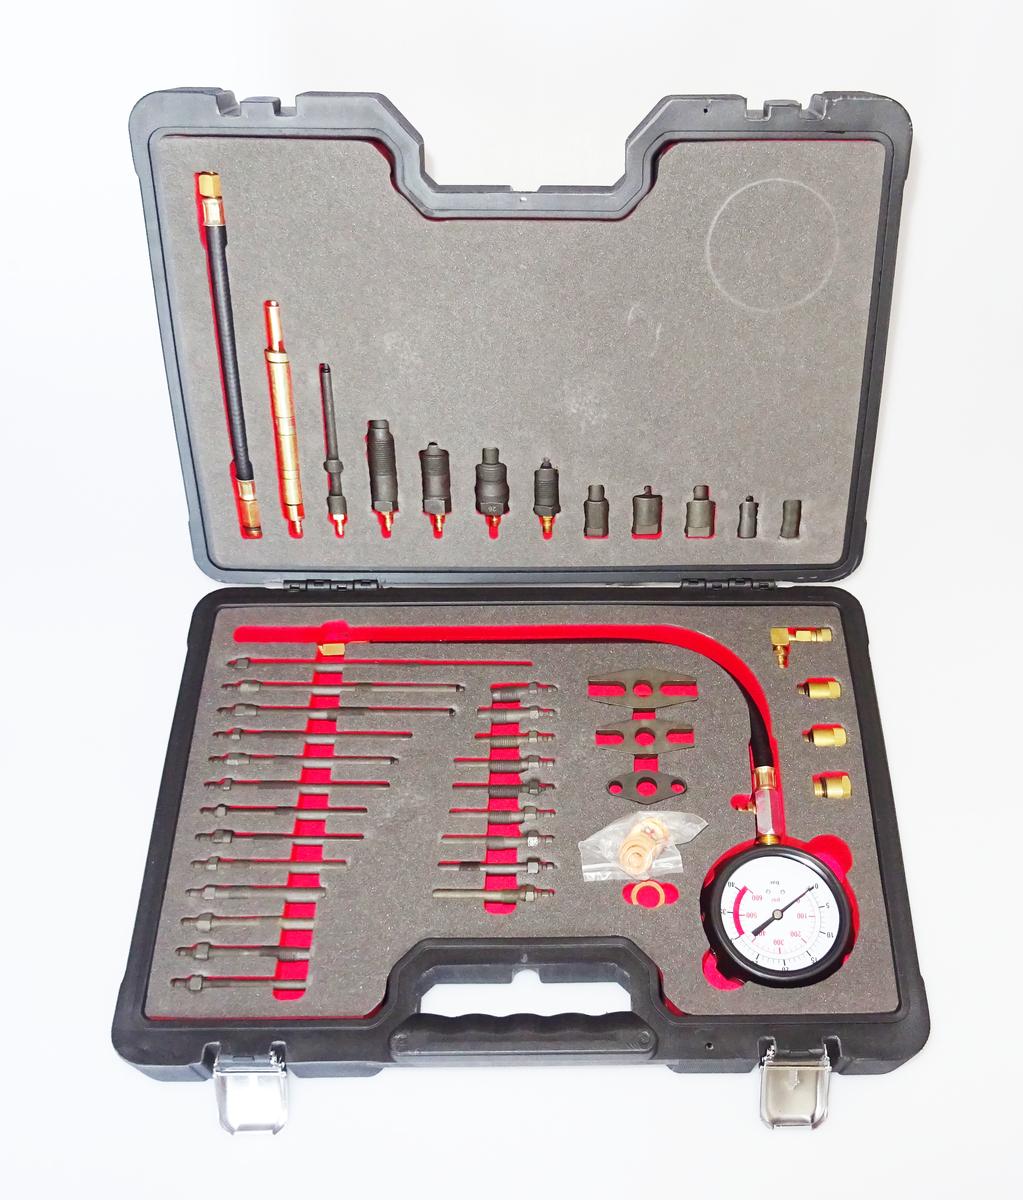 Kompresiometr - tester komprese pro benzínové i dieselové motory - QUATROS QS30101